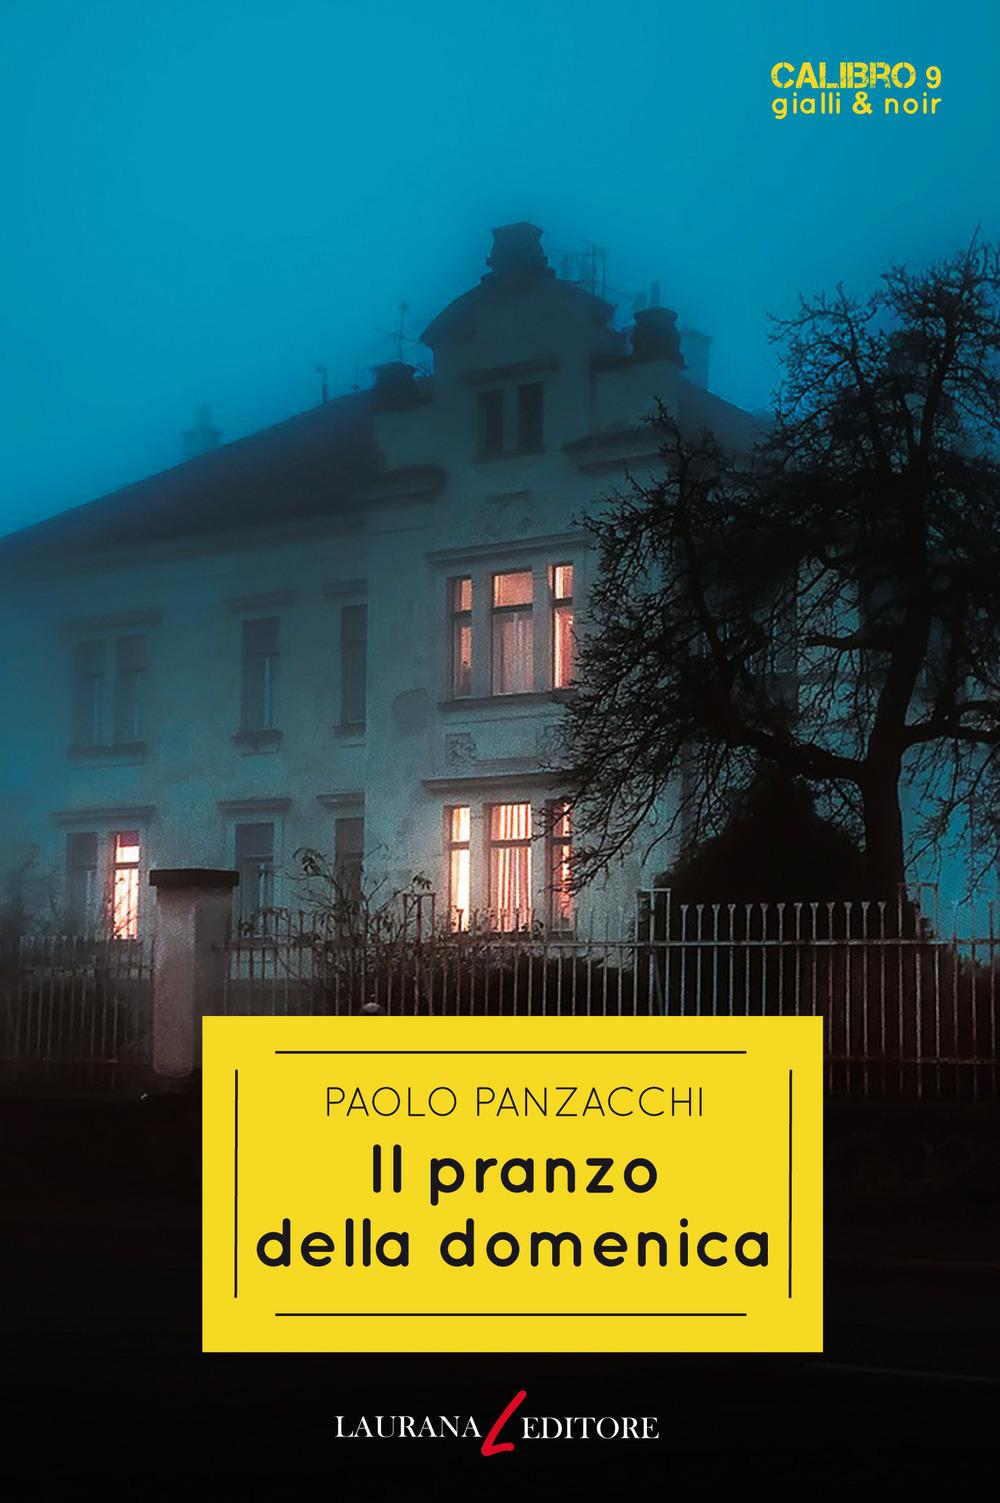 Il pranzo della domenica, di Paolo Panzacchi